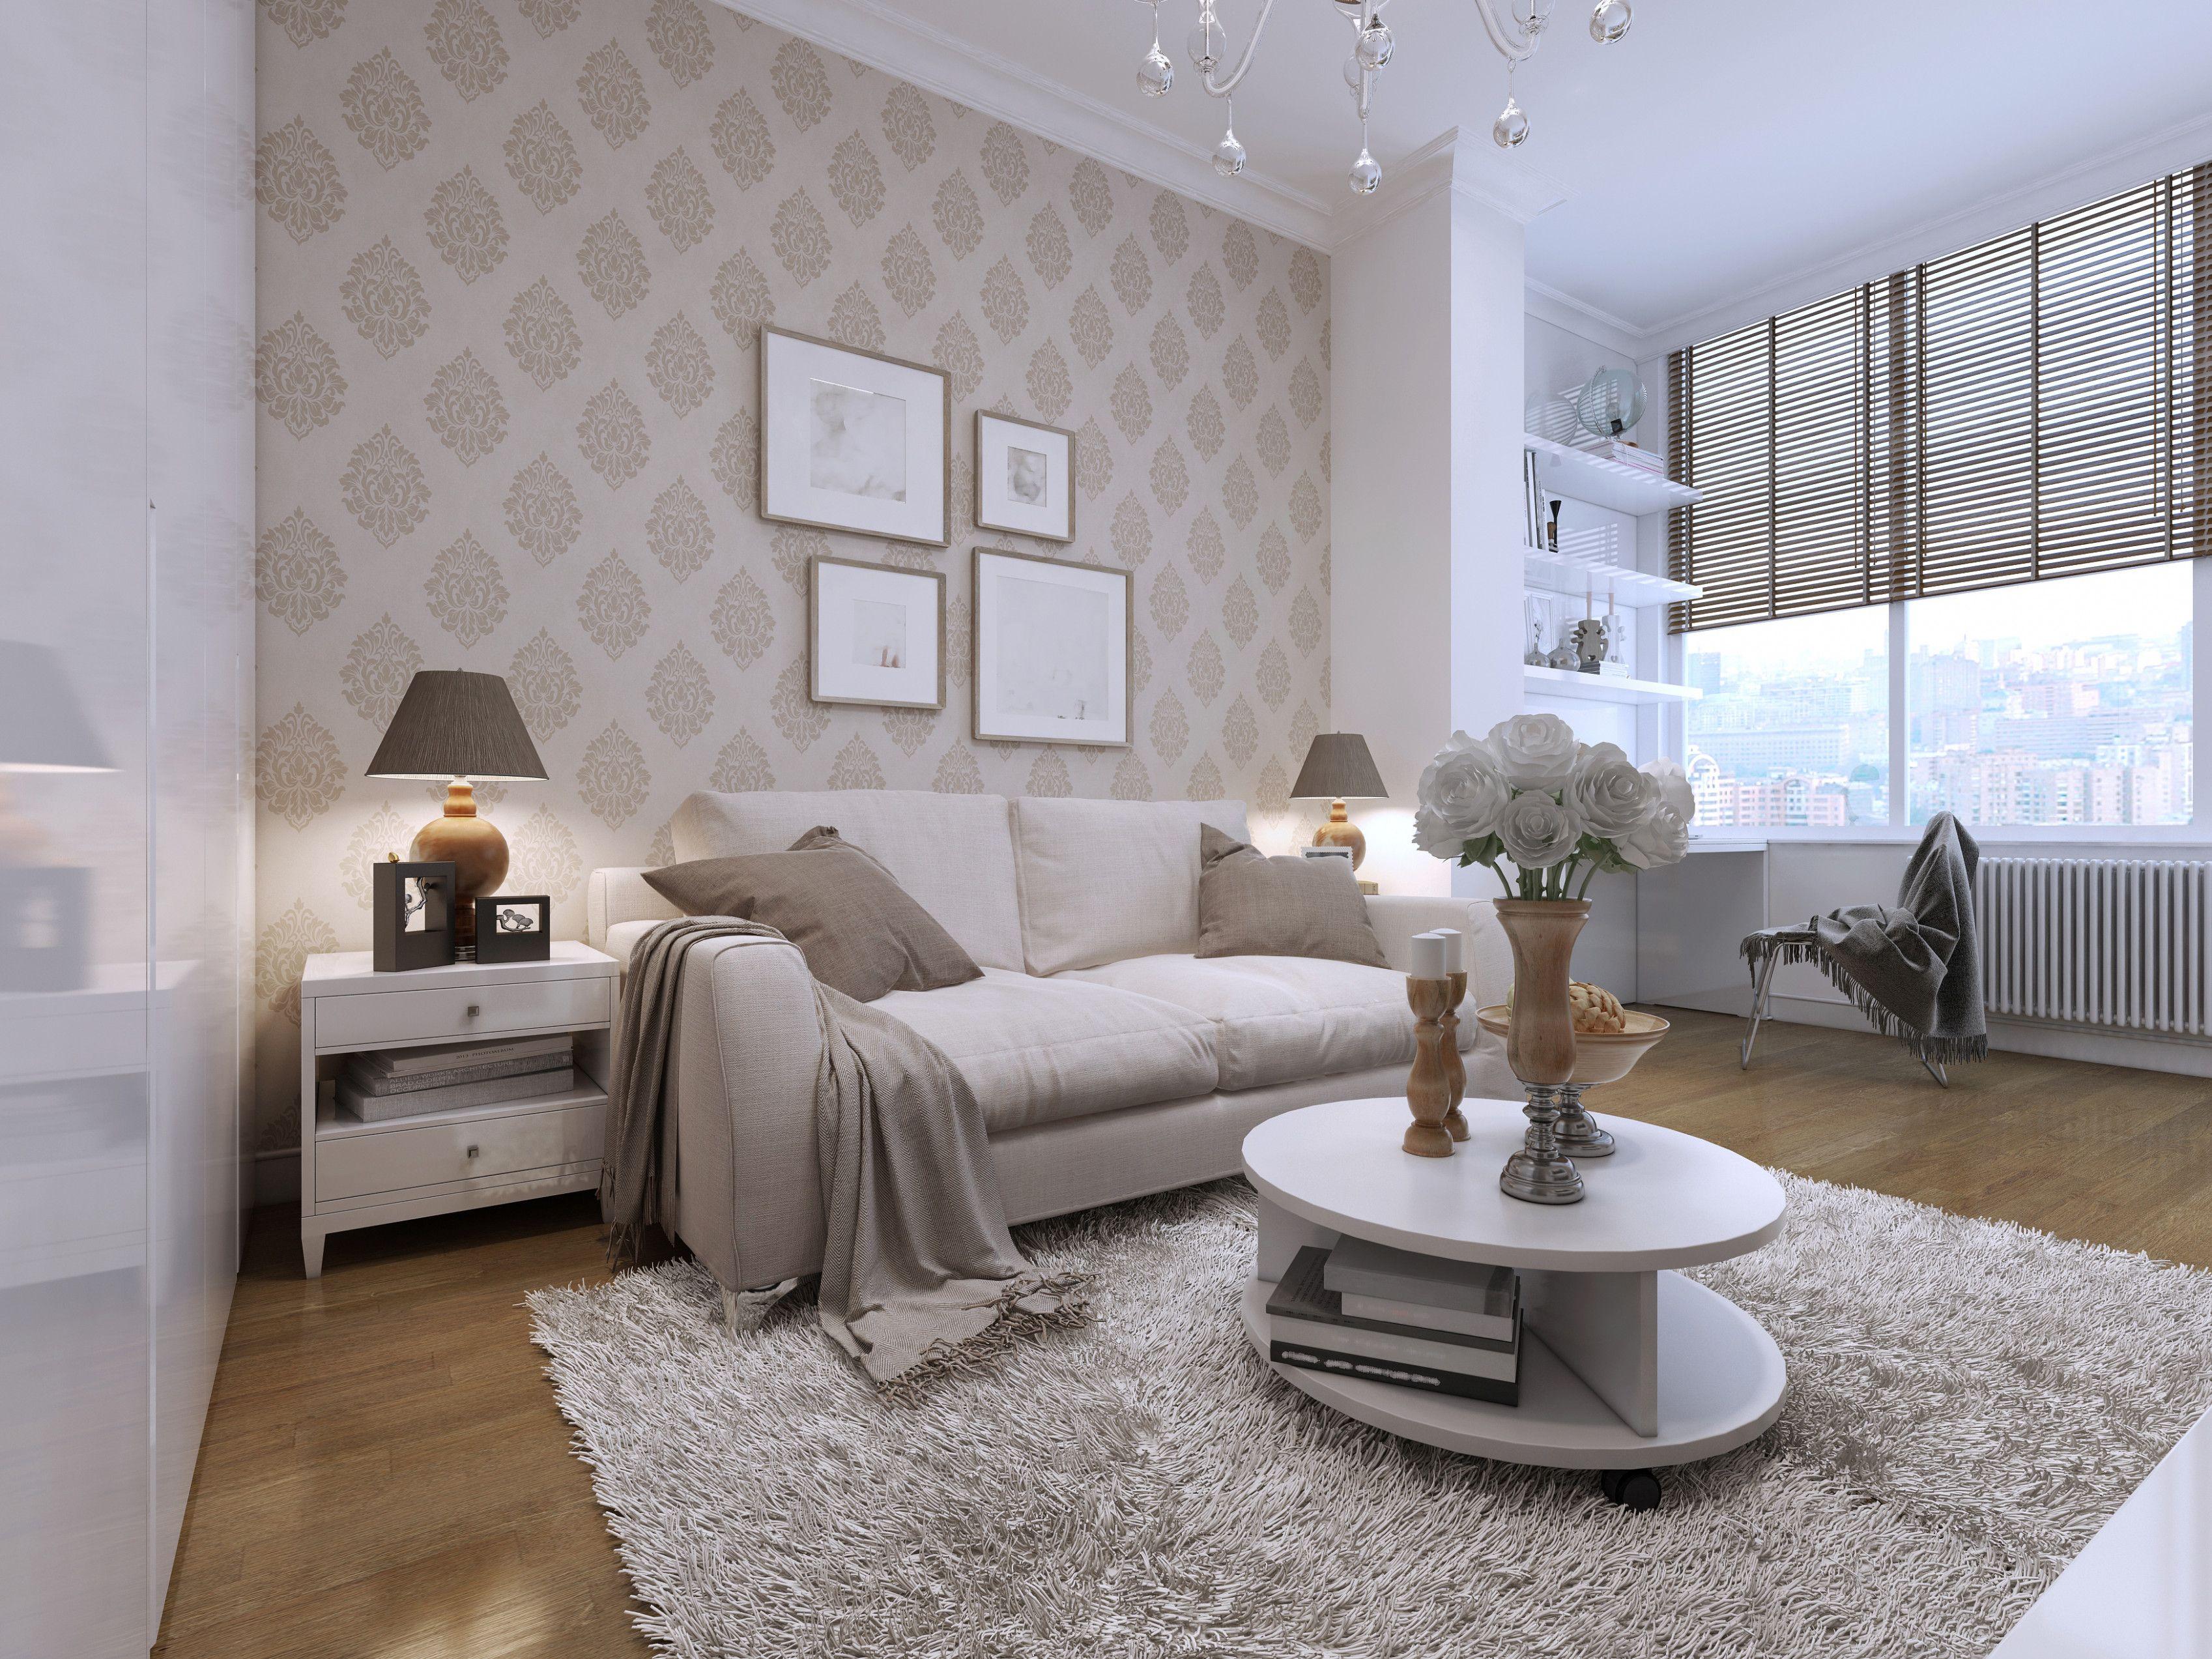 Pin von bfuns auf Wohnzimmer Einrichtung   Tapeten wohnzimmer modern, Wohnzimmer modern und ...